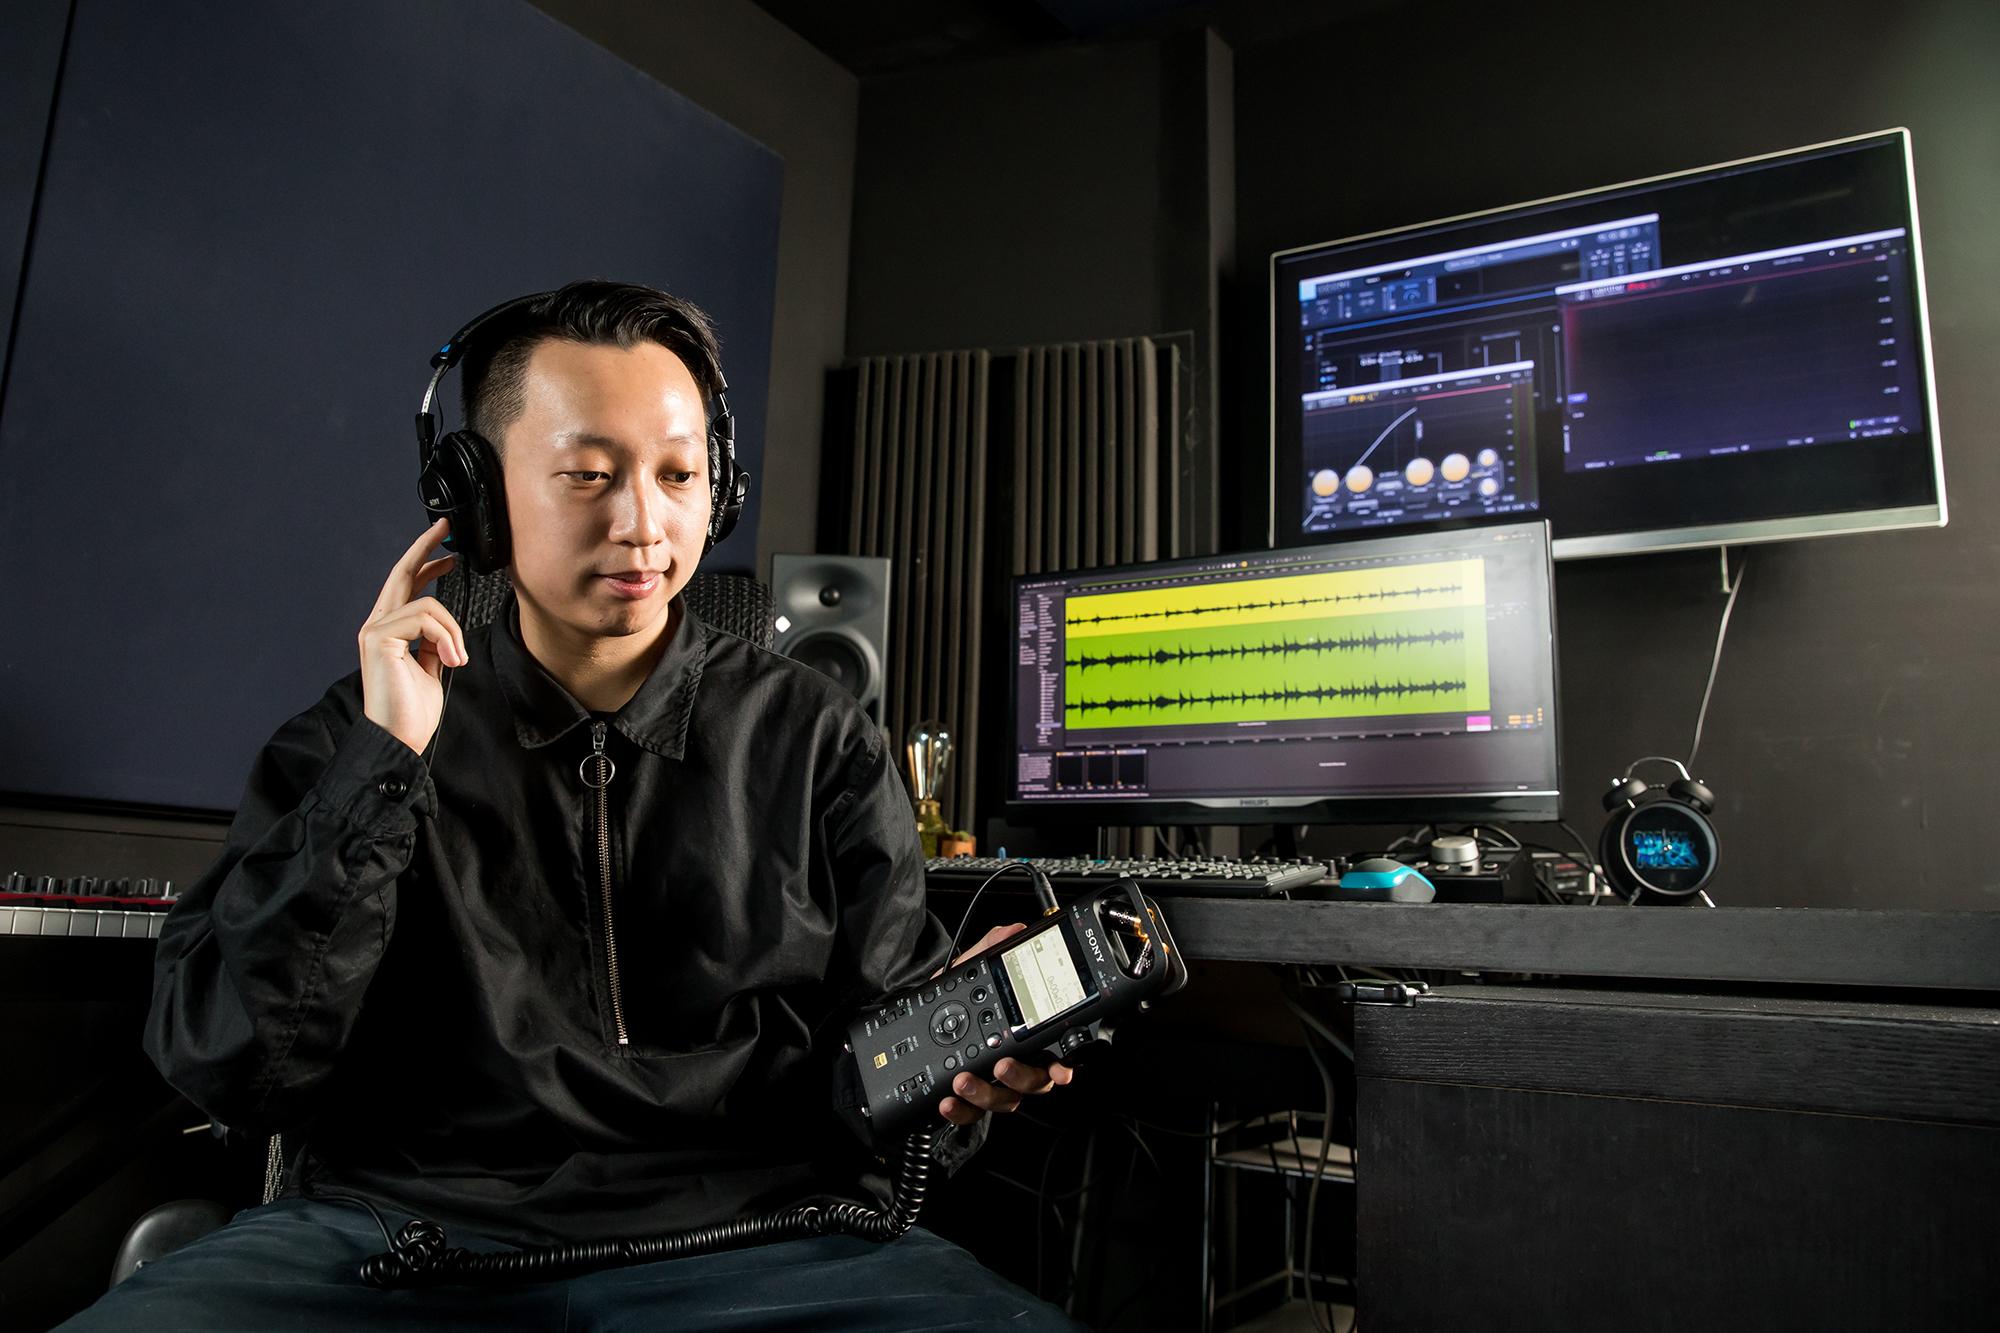 Sony PCM-D10專�立體聲錄音器還支援48V幻象電源,可外接各種動圈式與電容式麥克風,耳機也能隨插即用,讓音樂人能即時掌握錄音品質。